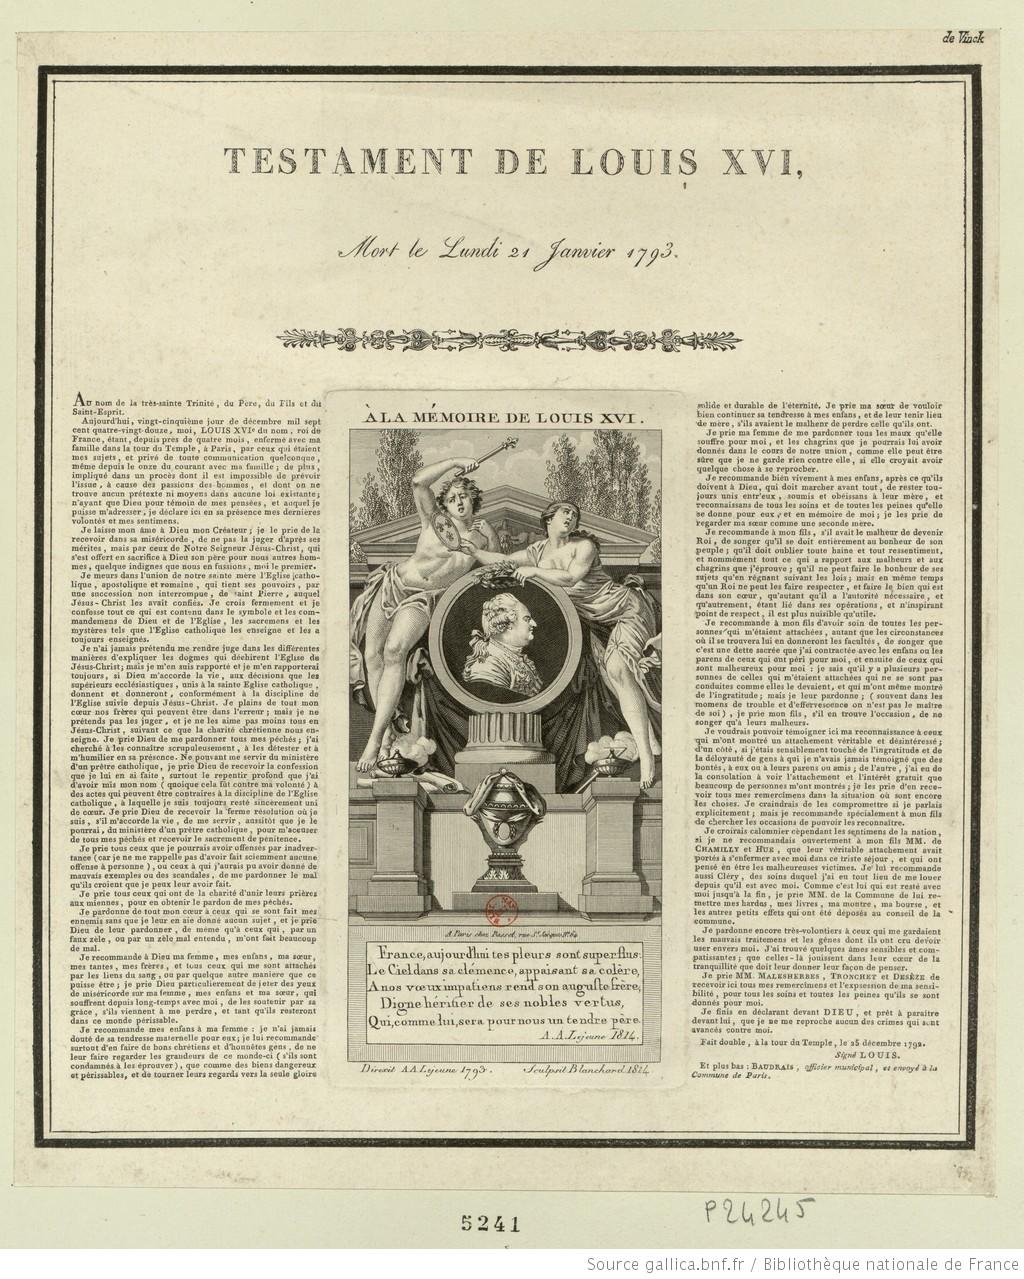 21 Janvier 1793 Testament-de-Louis-XVI-2